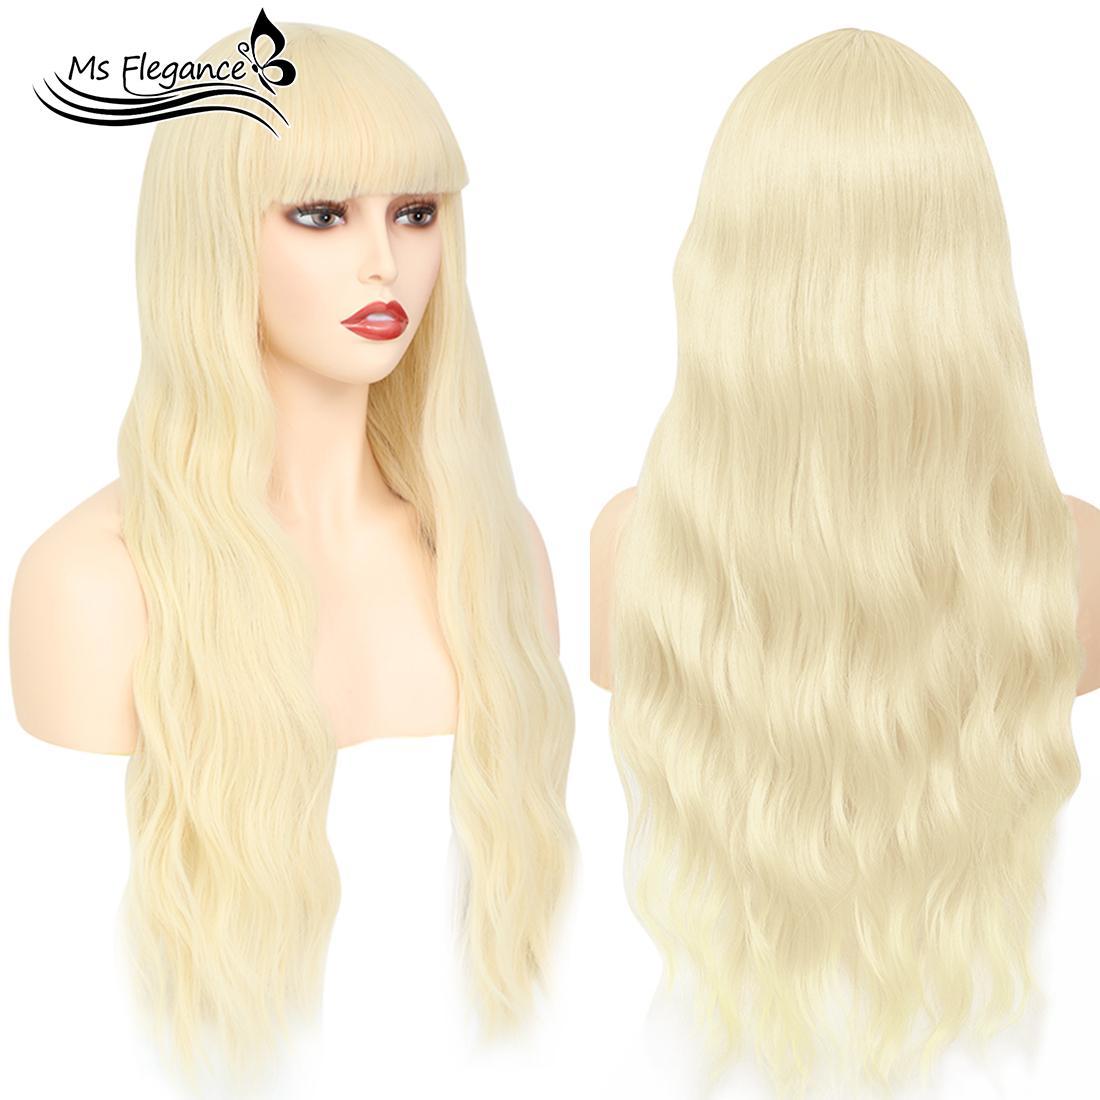 Lunga parrucca Water Wave sintetico di MS FLEGANCE Donne parrucca per le donne fascino Capelli biondi Topper Lolita Cosplay capelli naturali